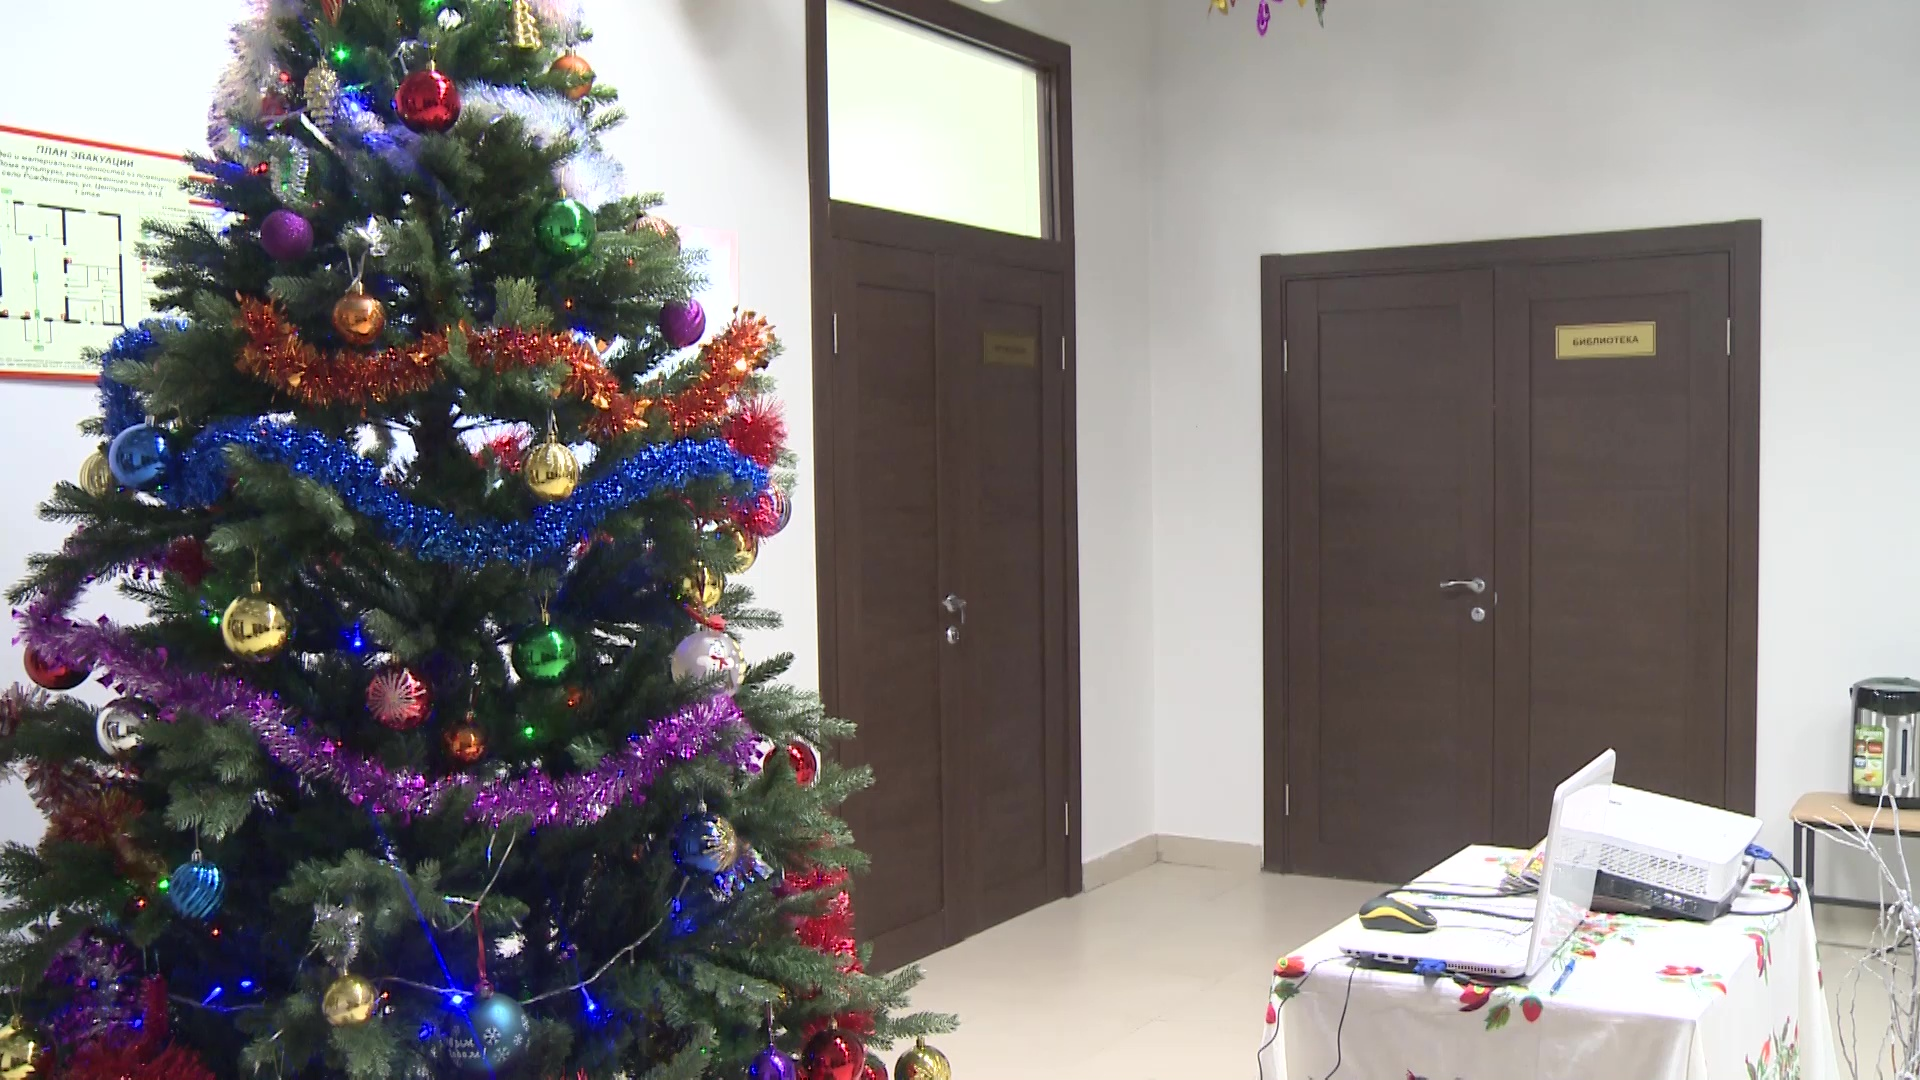 В селе Рождествено торжественно открыли отремонтированный по нацпроекту дом культуры